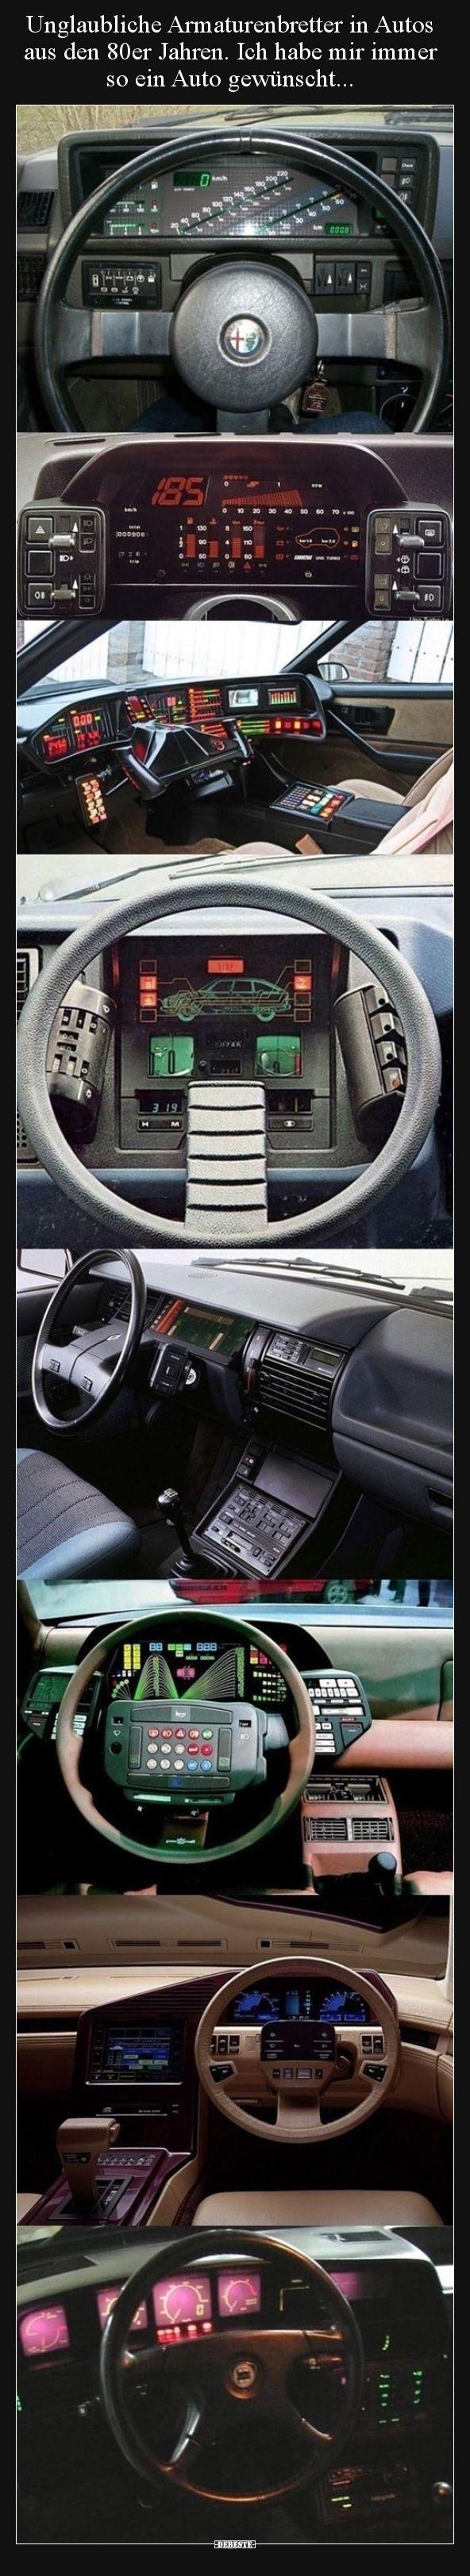 Unglaubliche Armaturenbretter in Autos aus den 80er Jahren... | Lustige Bilder, Sprüche, Witze, echt lustig #amazingcars